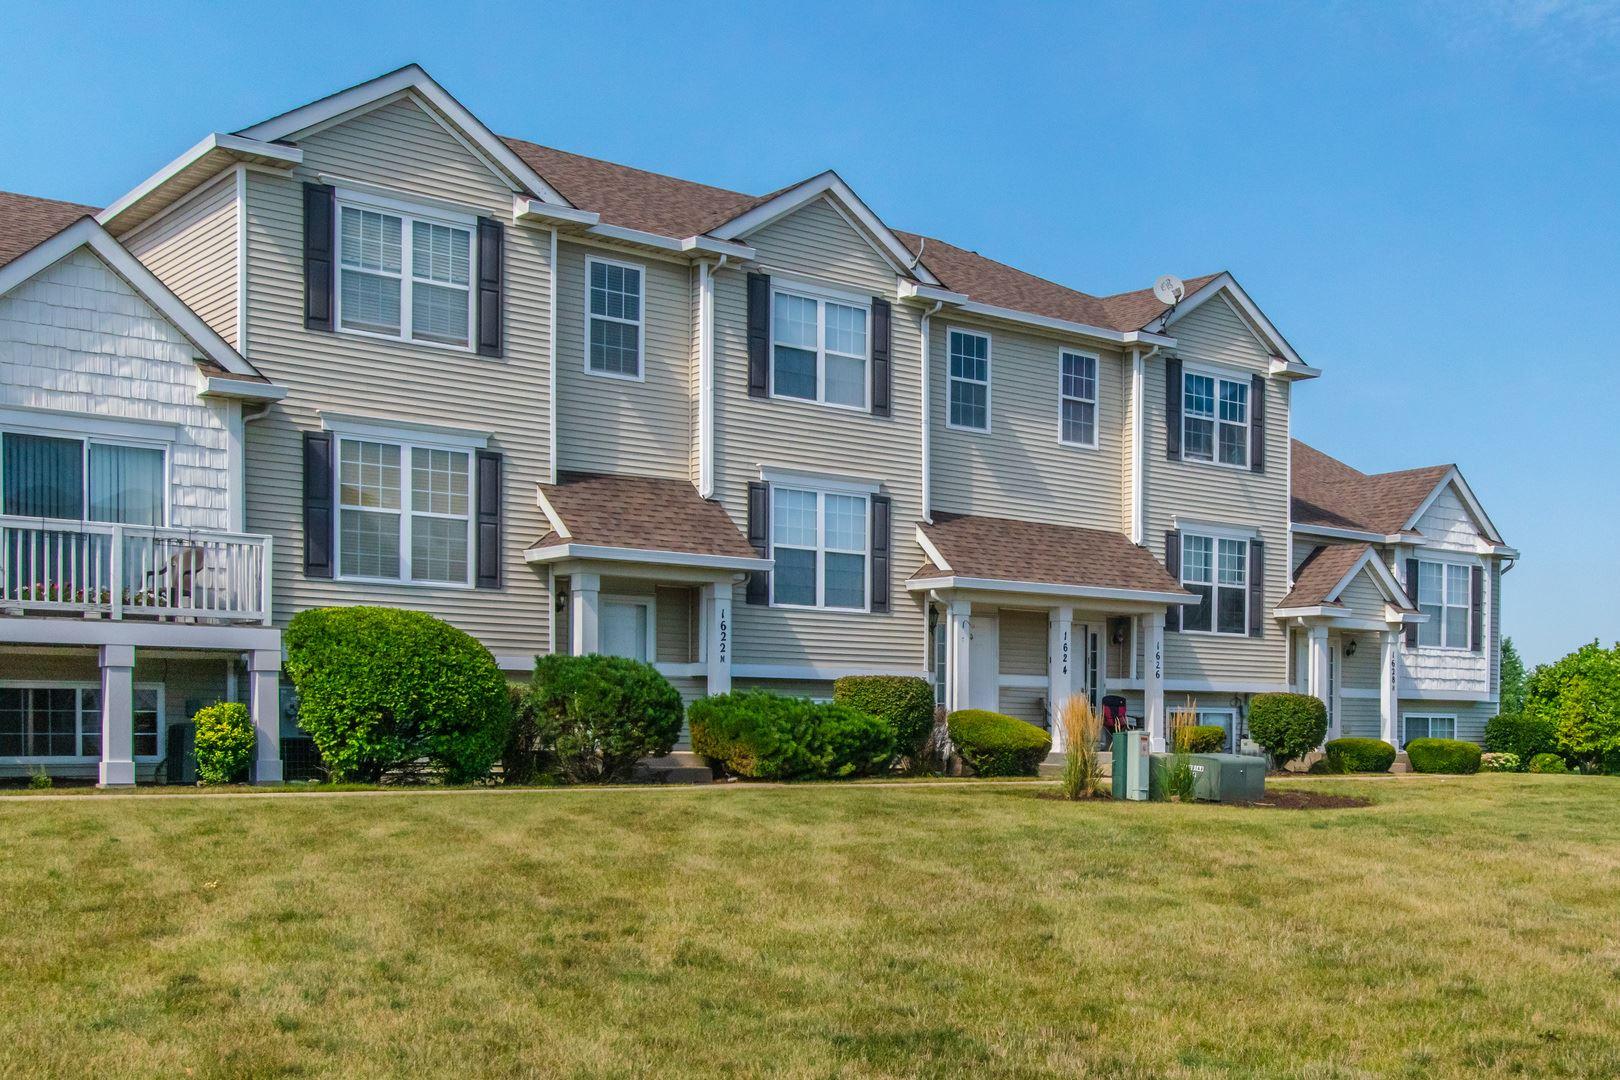 Photo of 1624 Fieldstone Drive N, Shorewood, IL 60404 (MLS # 10819958)